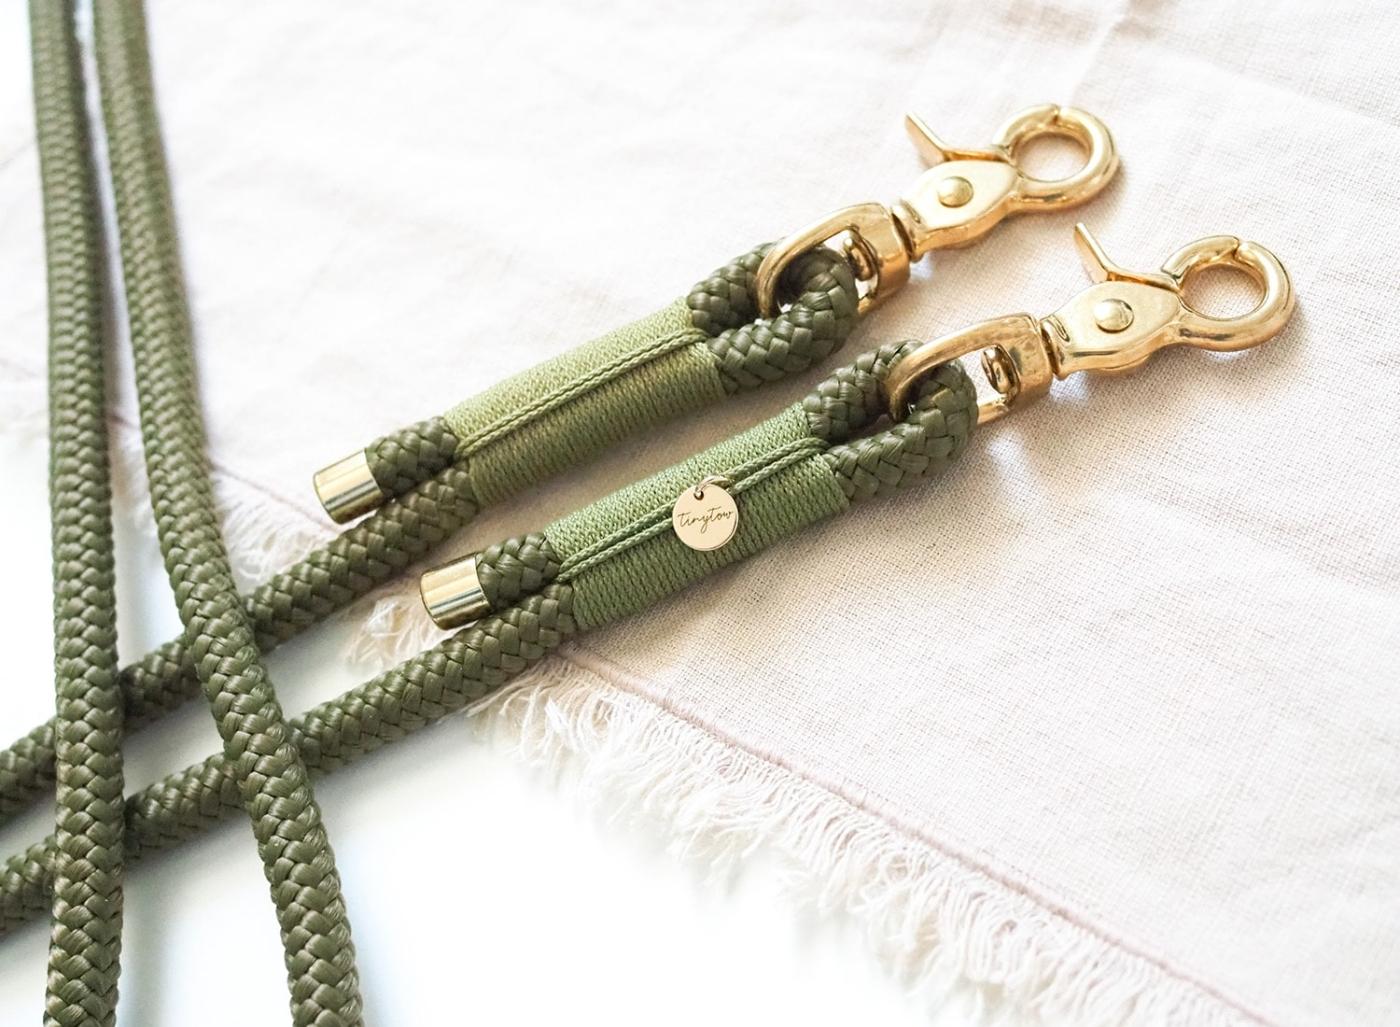 Hundeleine aus Tau in Olivgrün mit grüner Umwickelung (Takelung), 2-fach verstellbar.